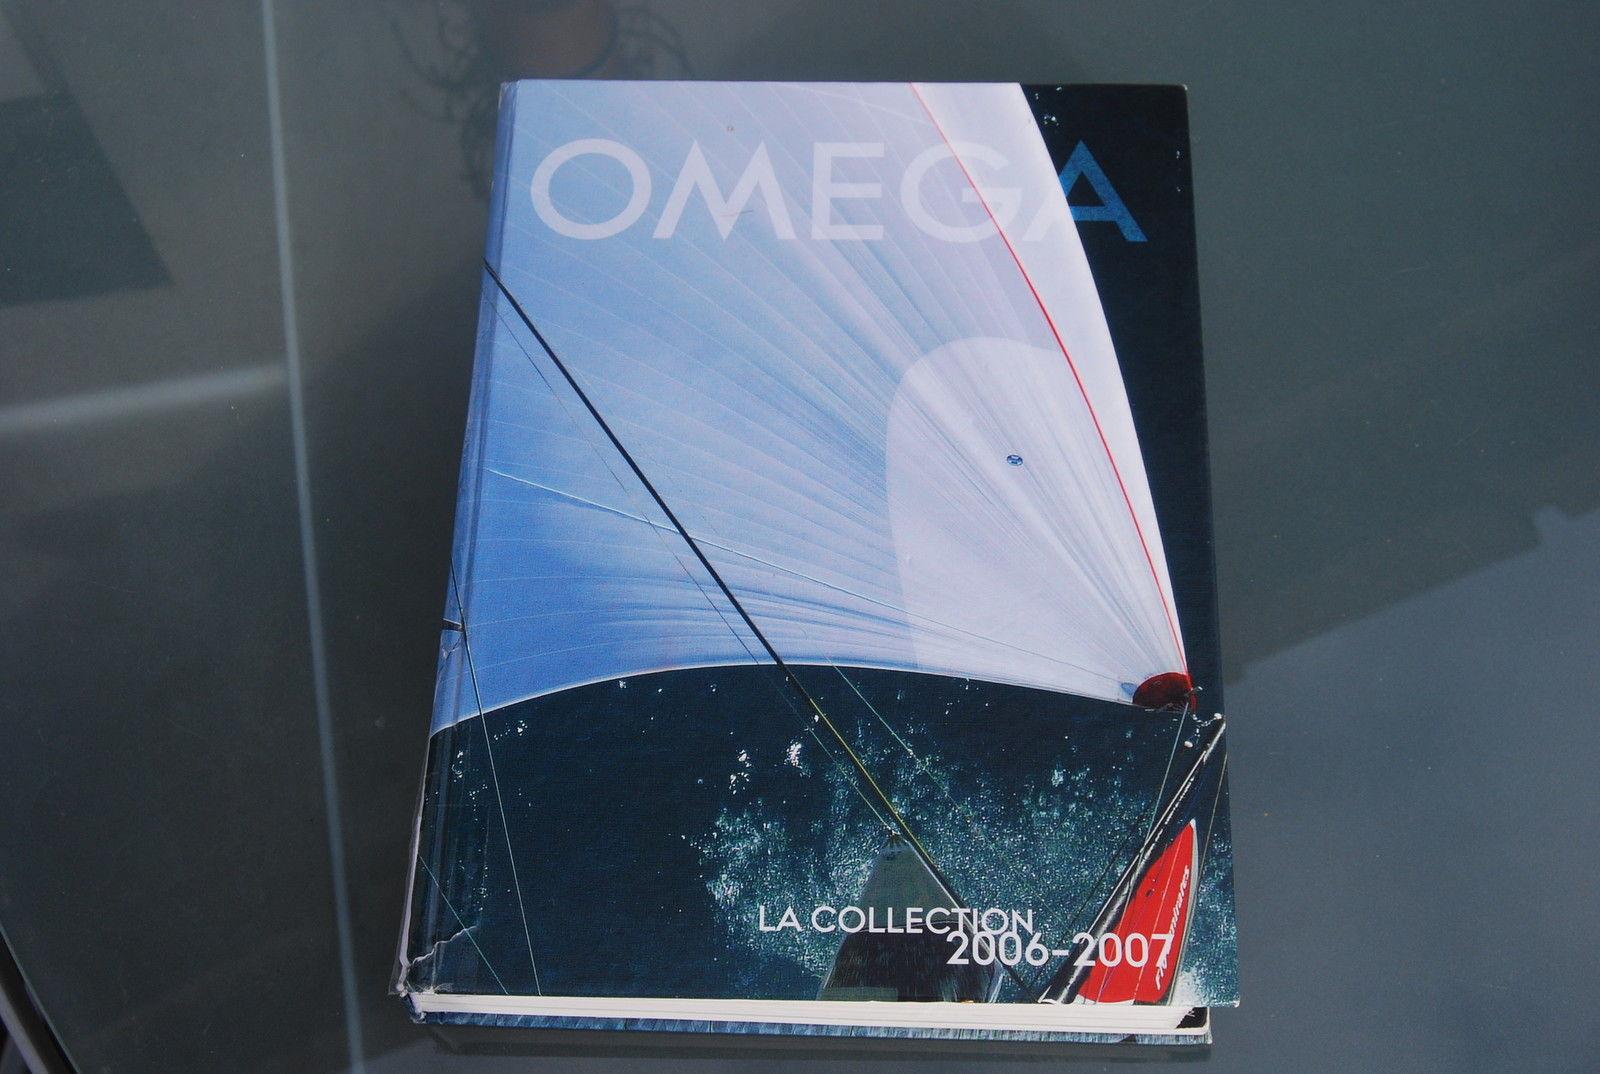 erledigt omega la collection h ndlerkatalog dealer handbook 2006 2007 mit preisliste uhrforum. Black Bedroom Furniture Sets. Home Design Ideas